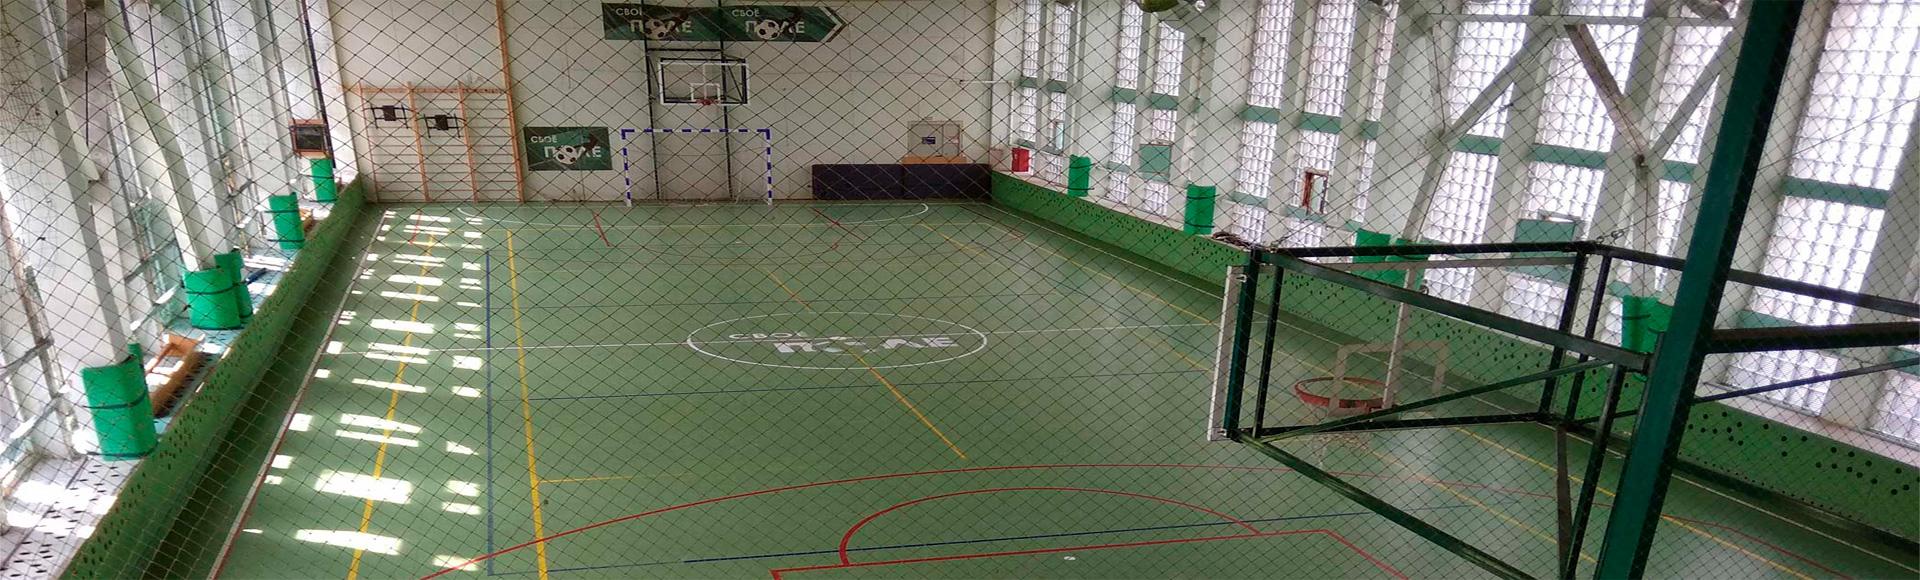 Зал для игры в мини-футбол  и баскетбол